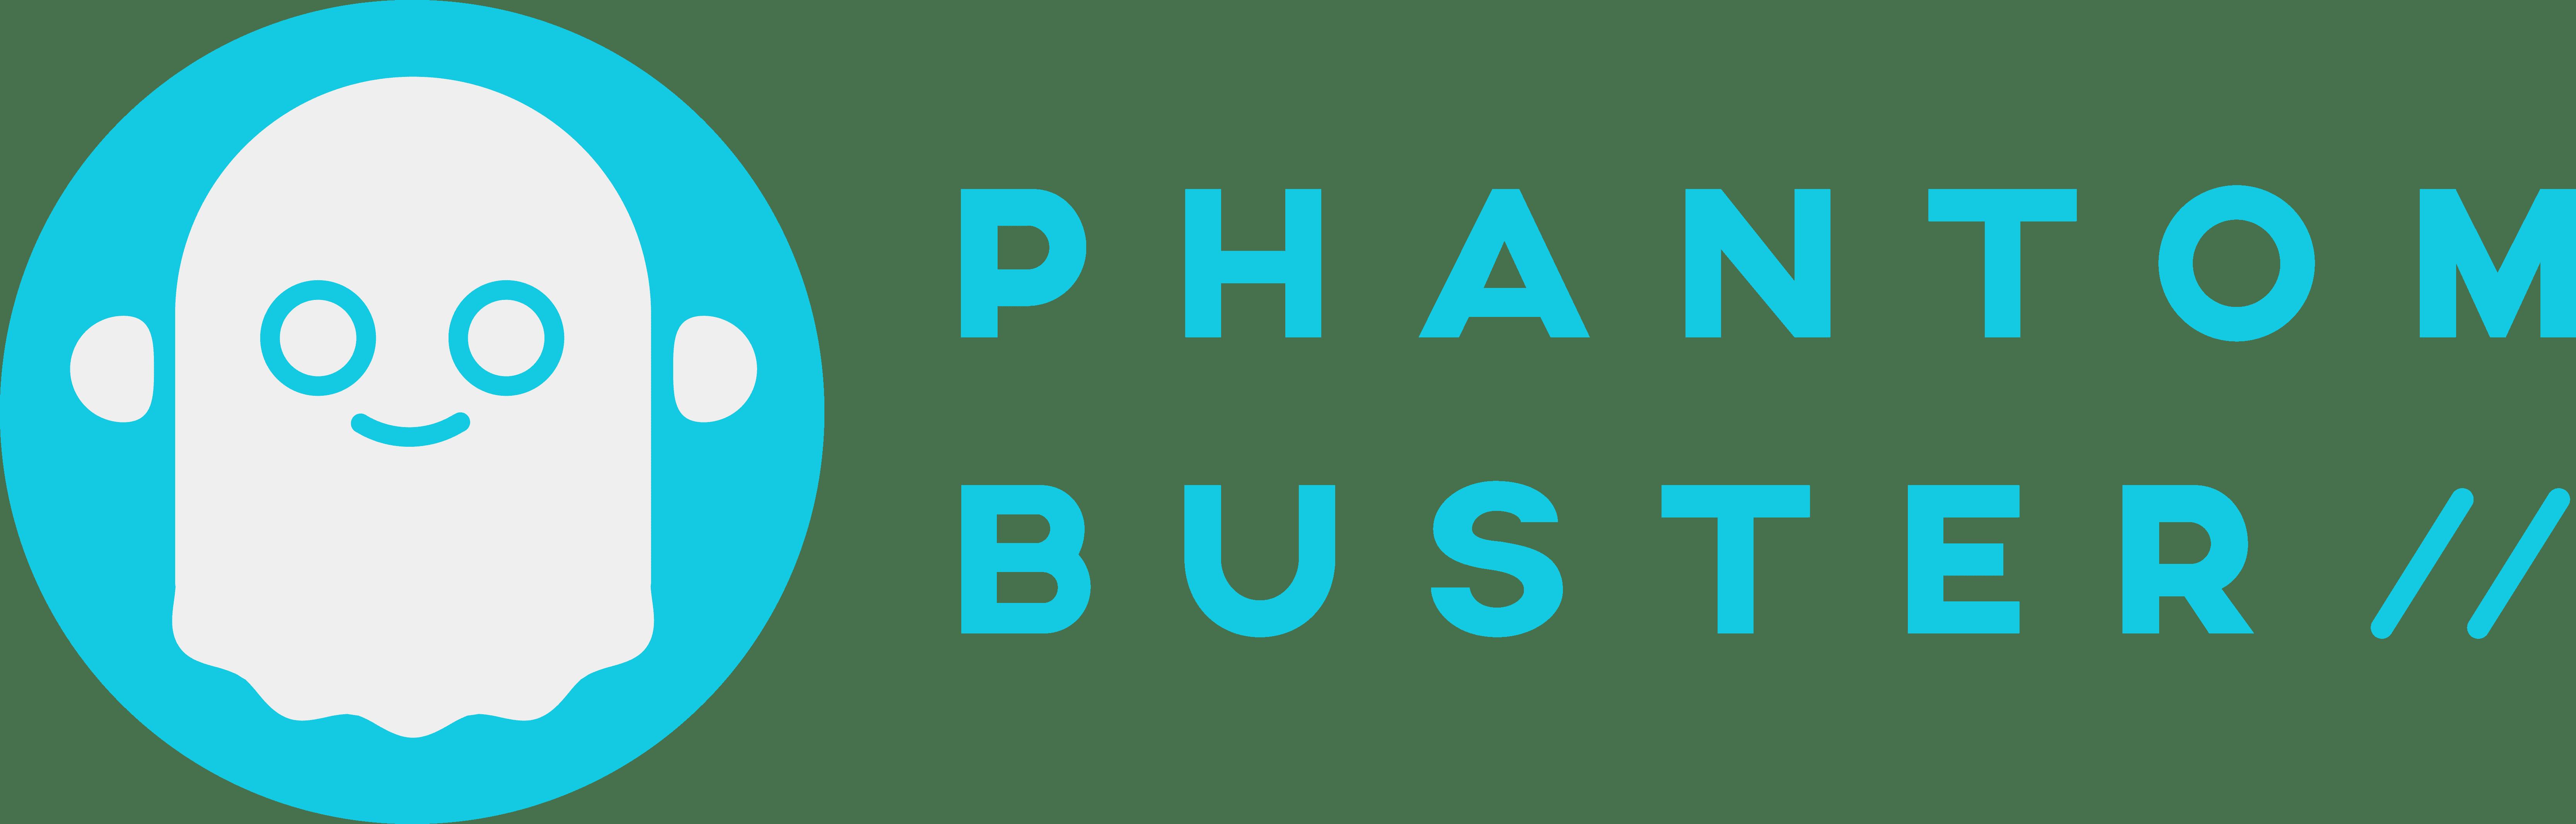 Phantombuster automates prospecting